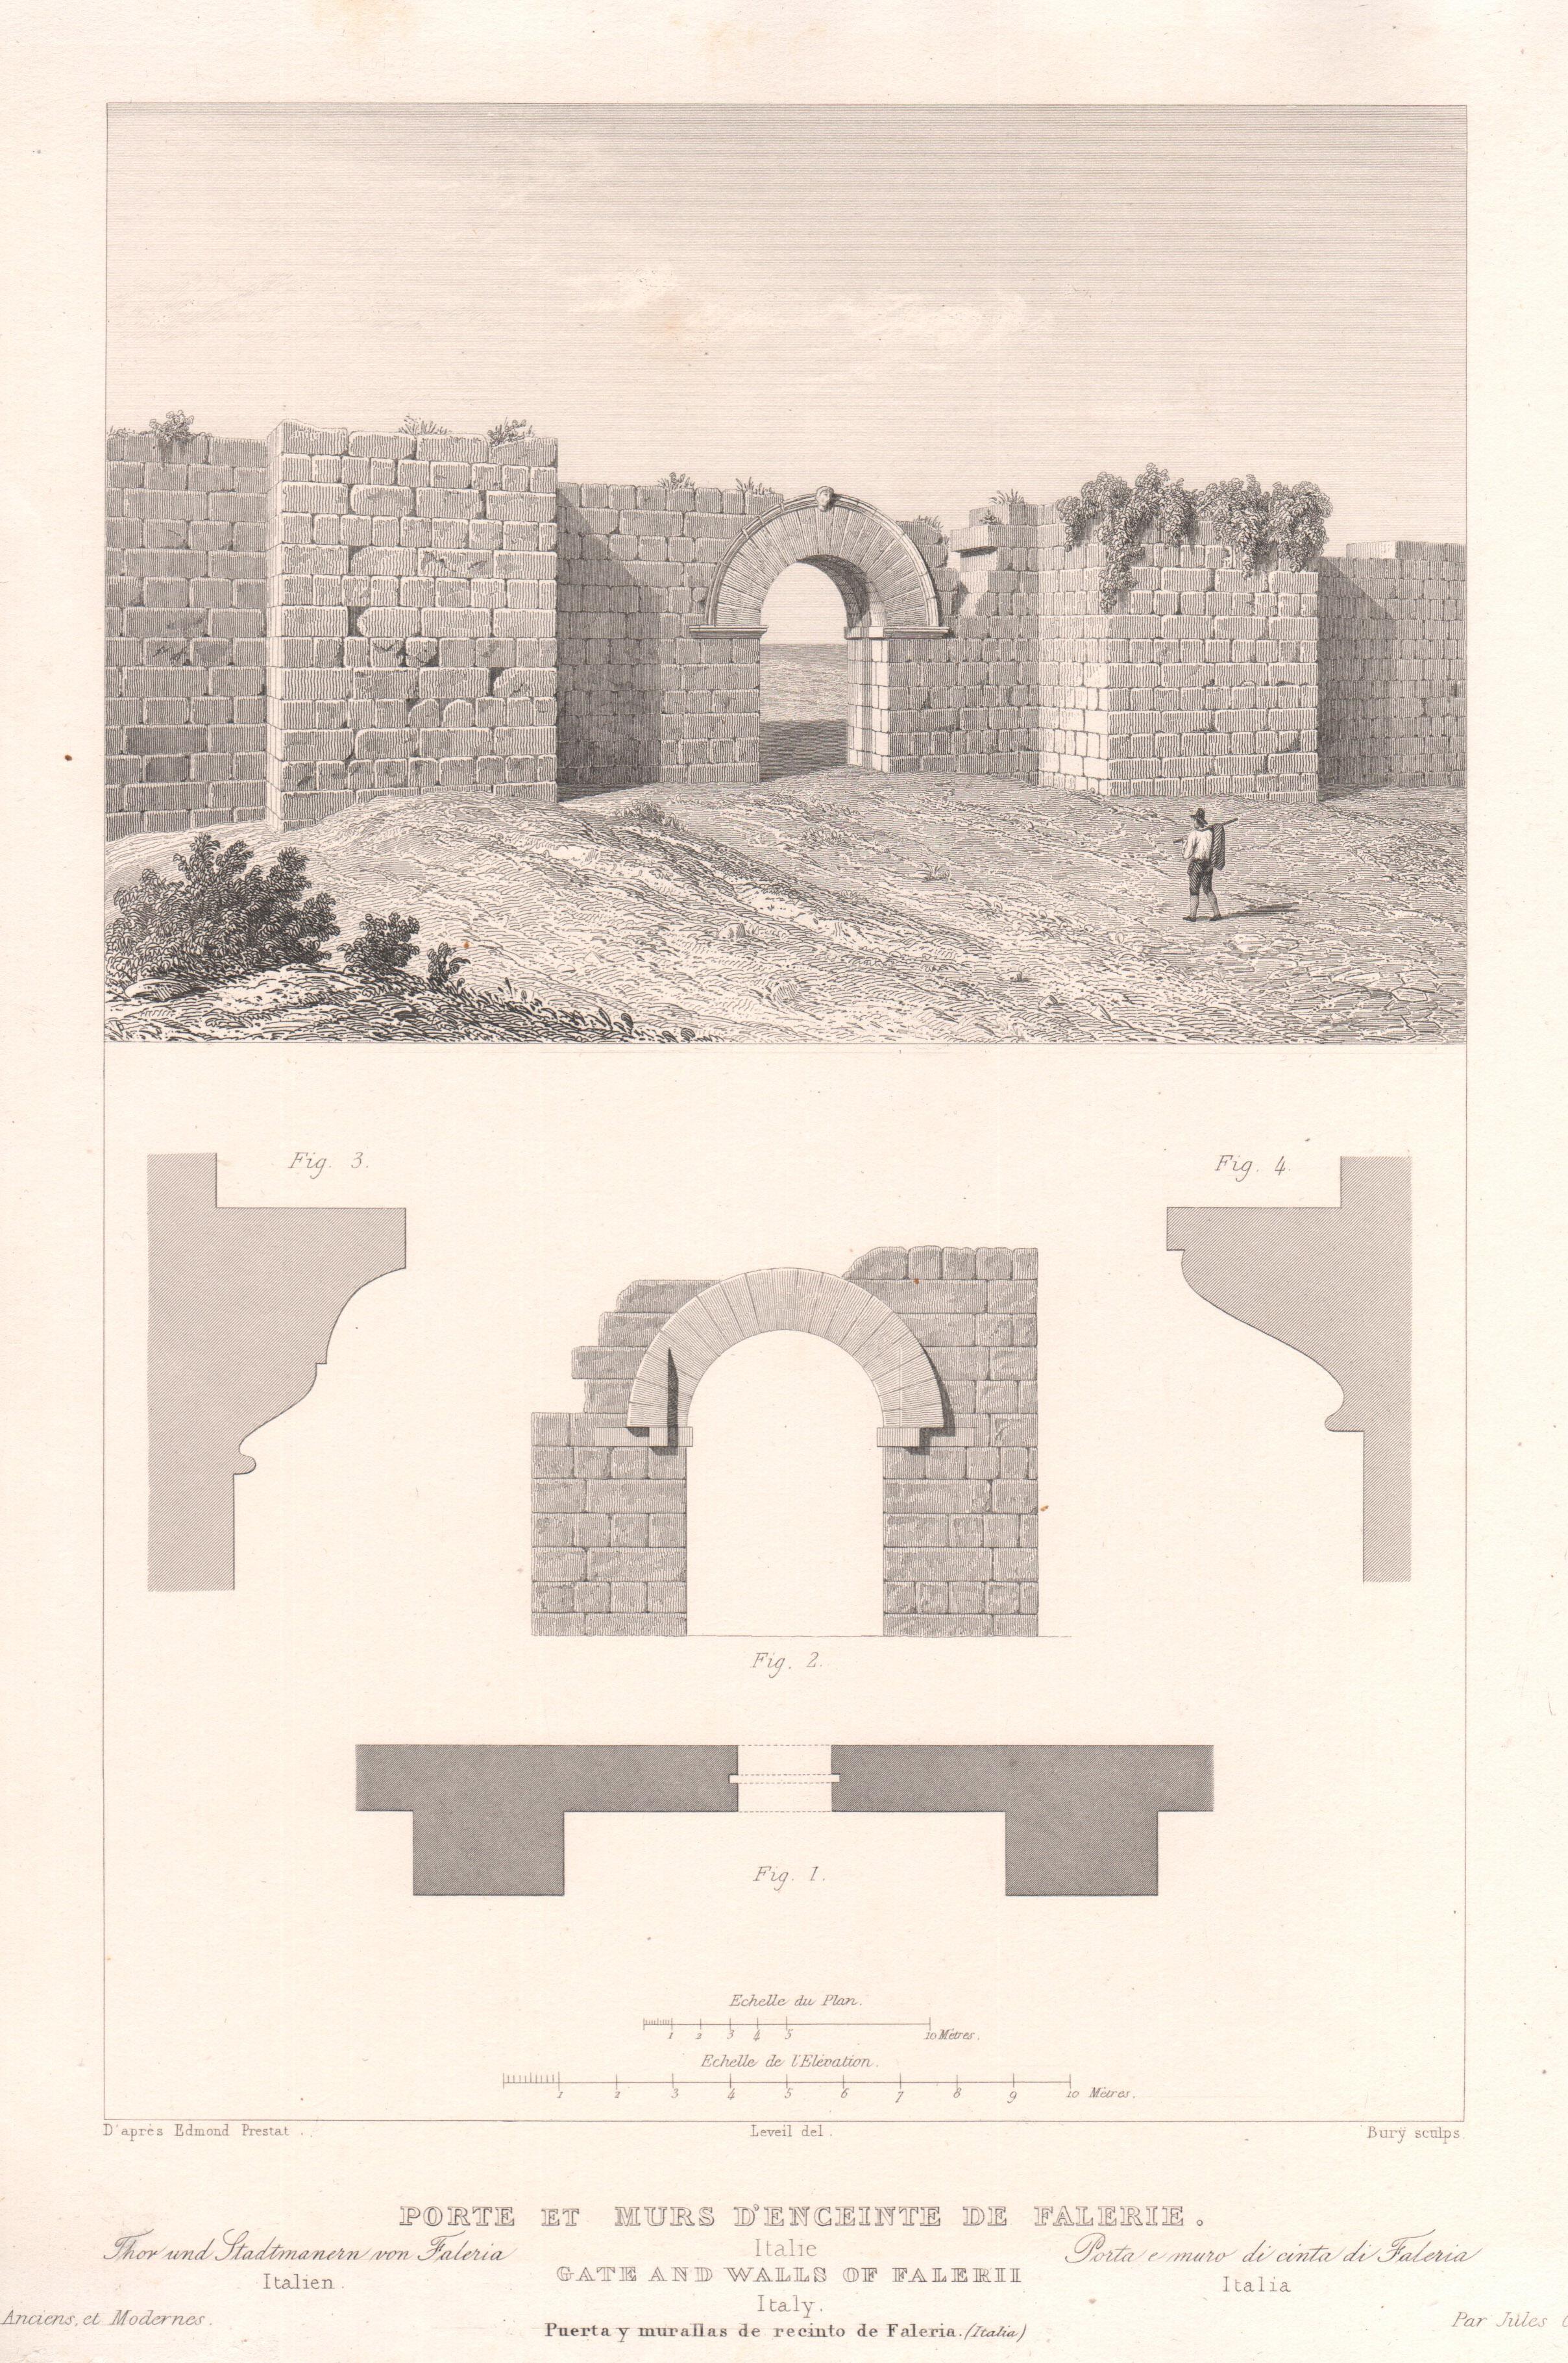 Italie - Monuments anciens - Porte et Murs de Fal�ries